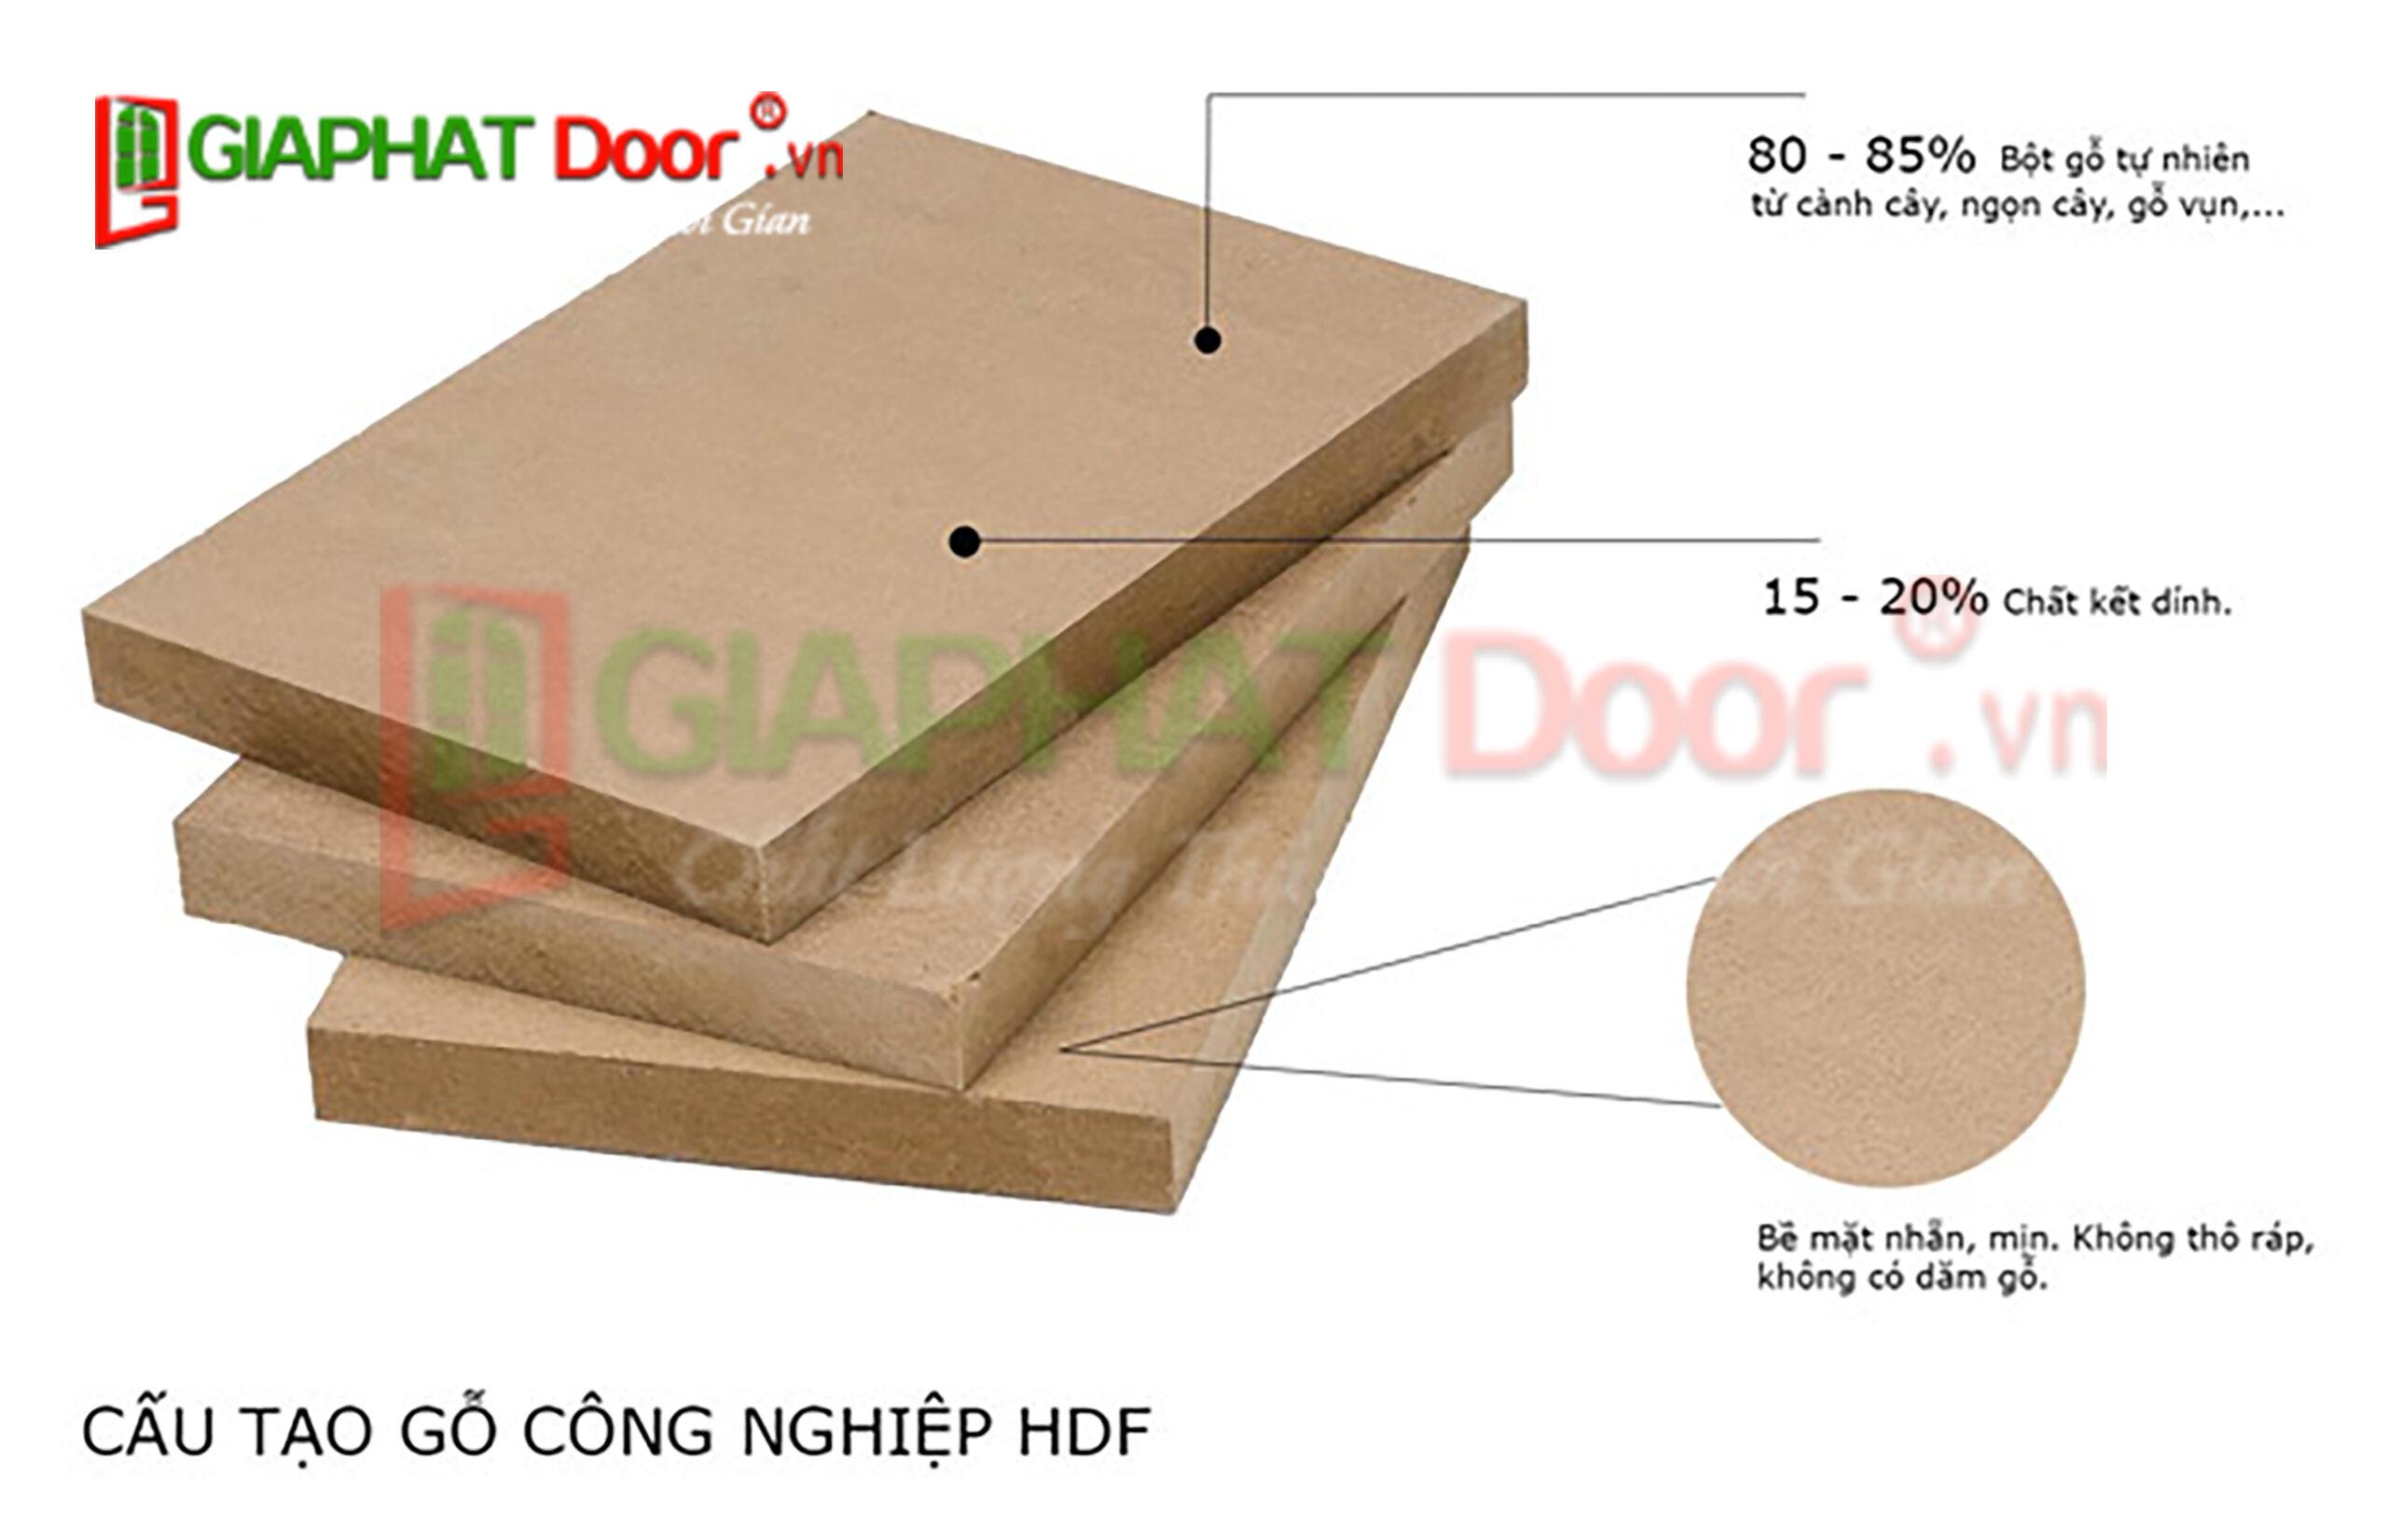 Cấu tạo cửa gỗ giá rẻ HDF tại Gia Phát Door